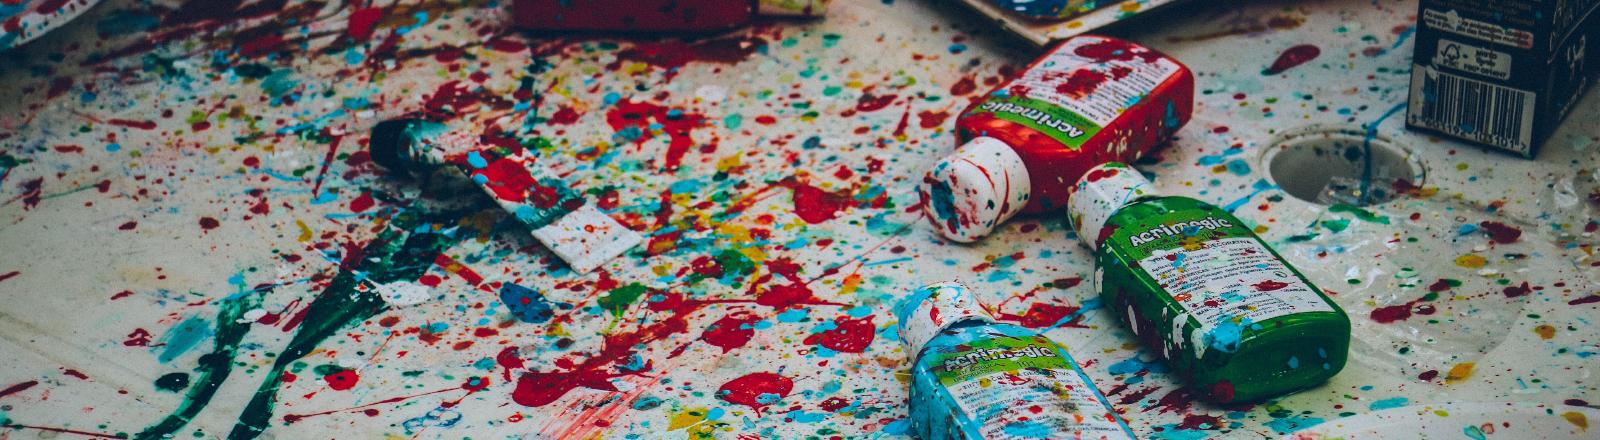 Bunte Farben auf Papier